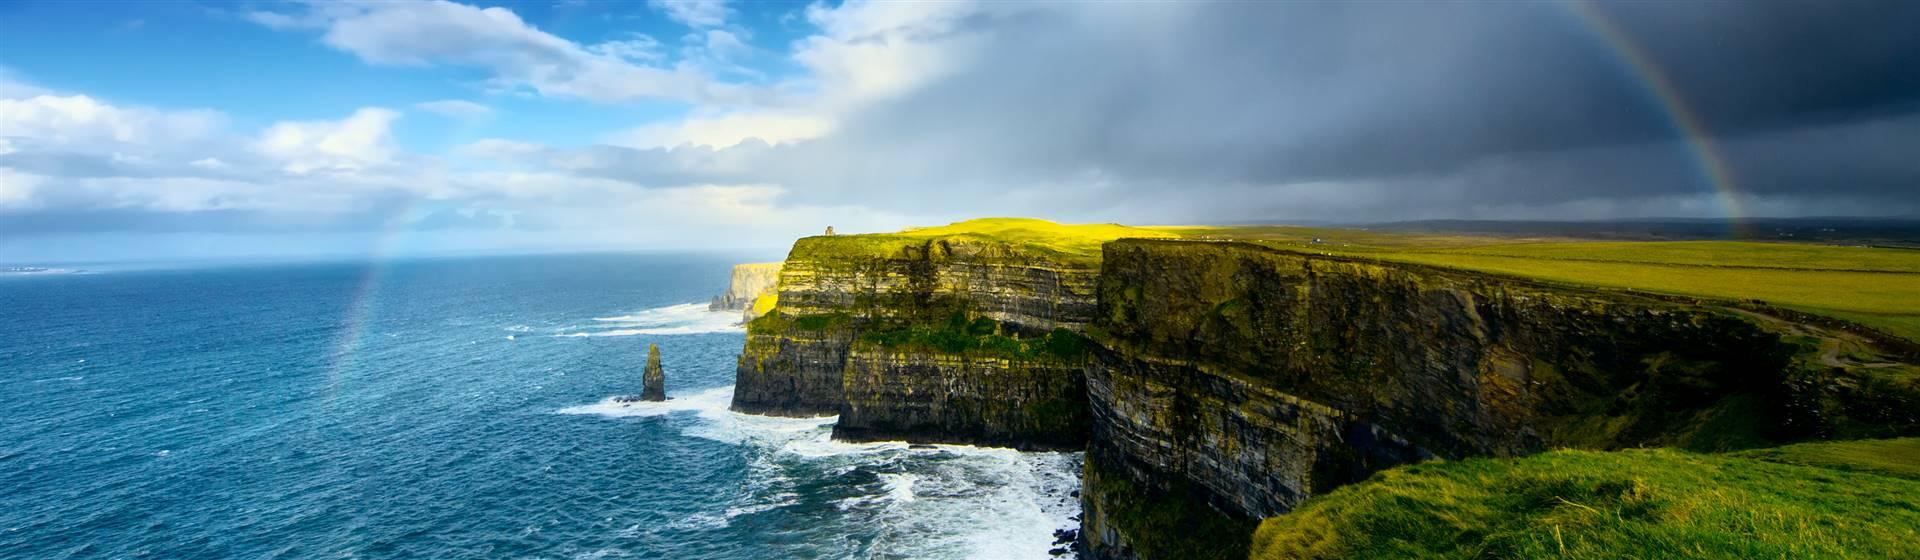 Galway, Cliffs of Moher & The Burren